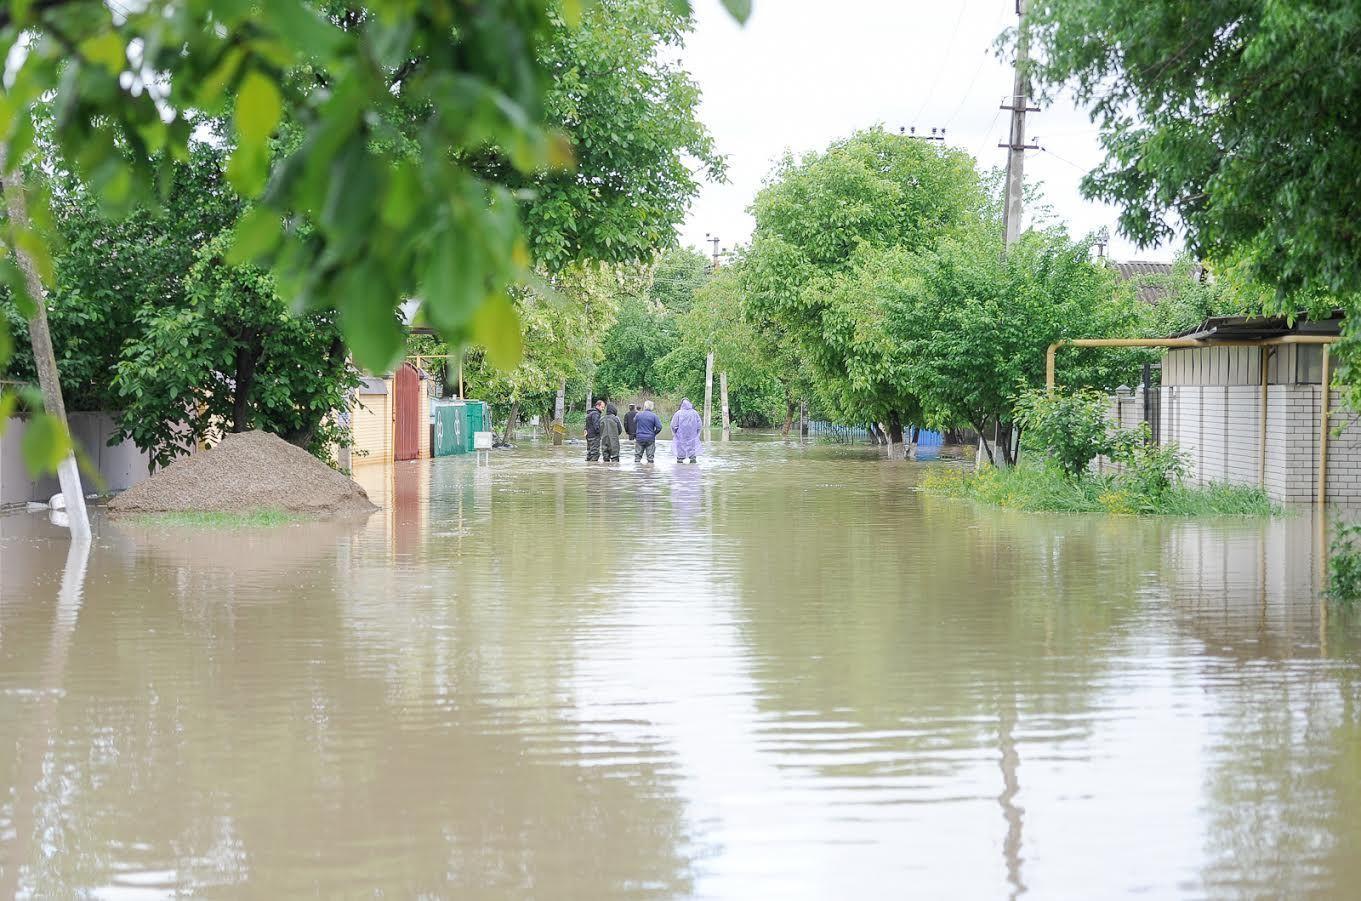 ВМЧС опровергают угрозу прорыва дамбы из-за паводка наСтаврополье